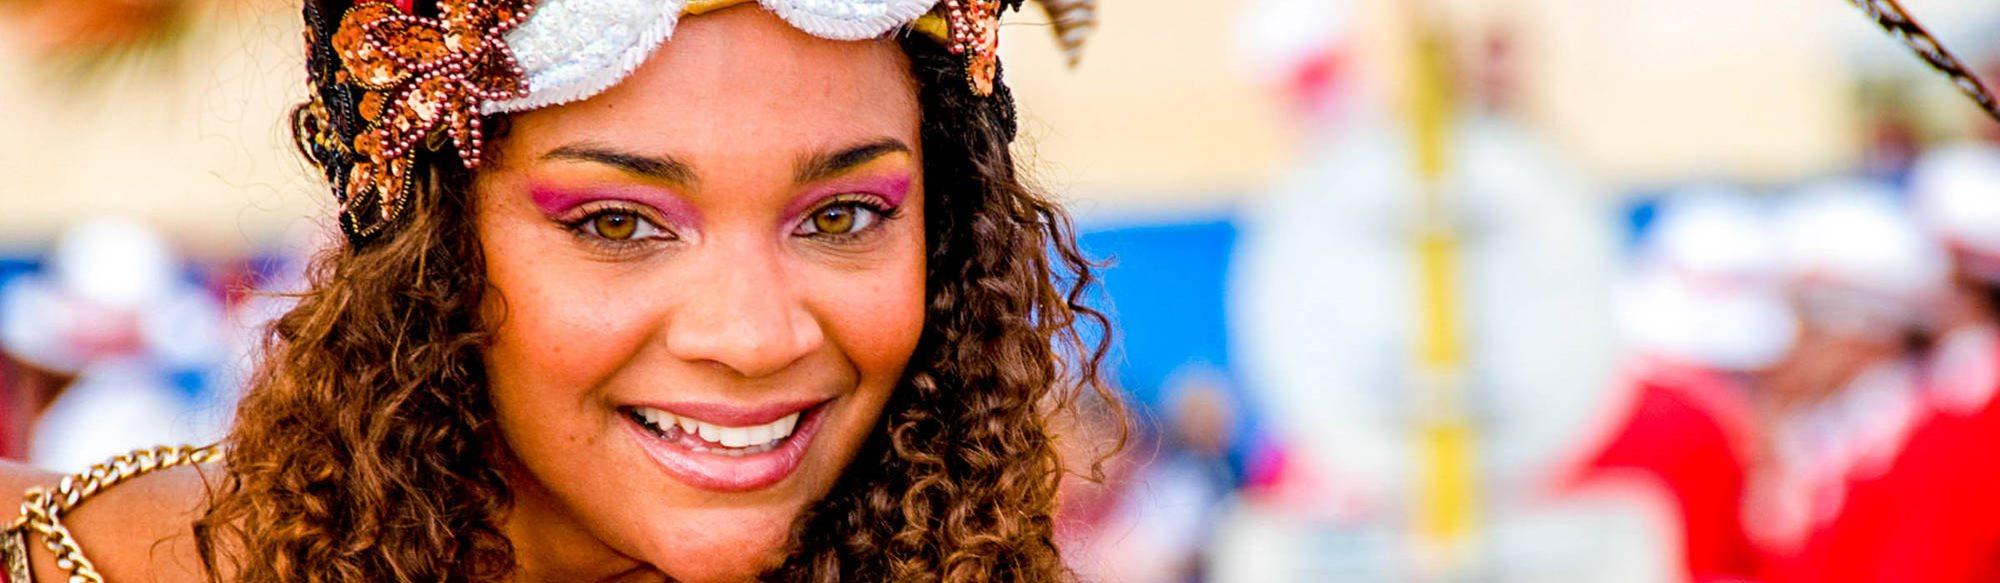 Luksuskrydstogt til karneval i Rio